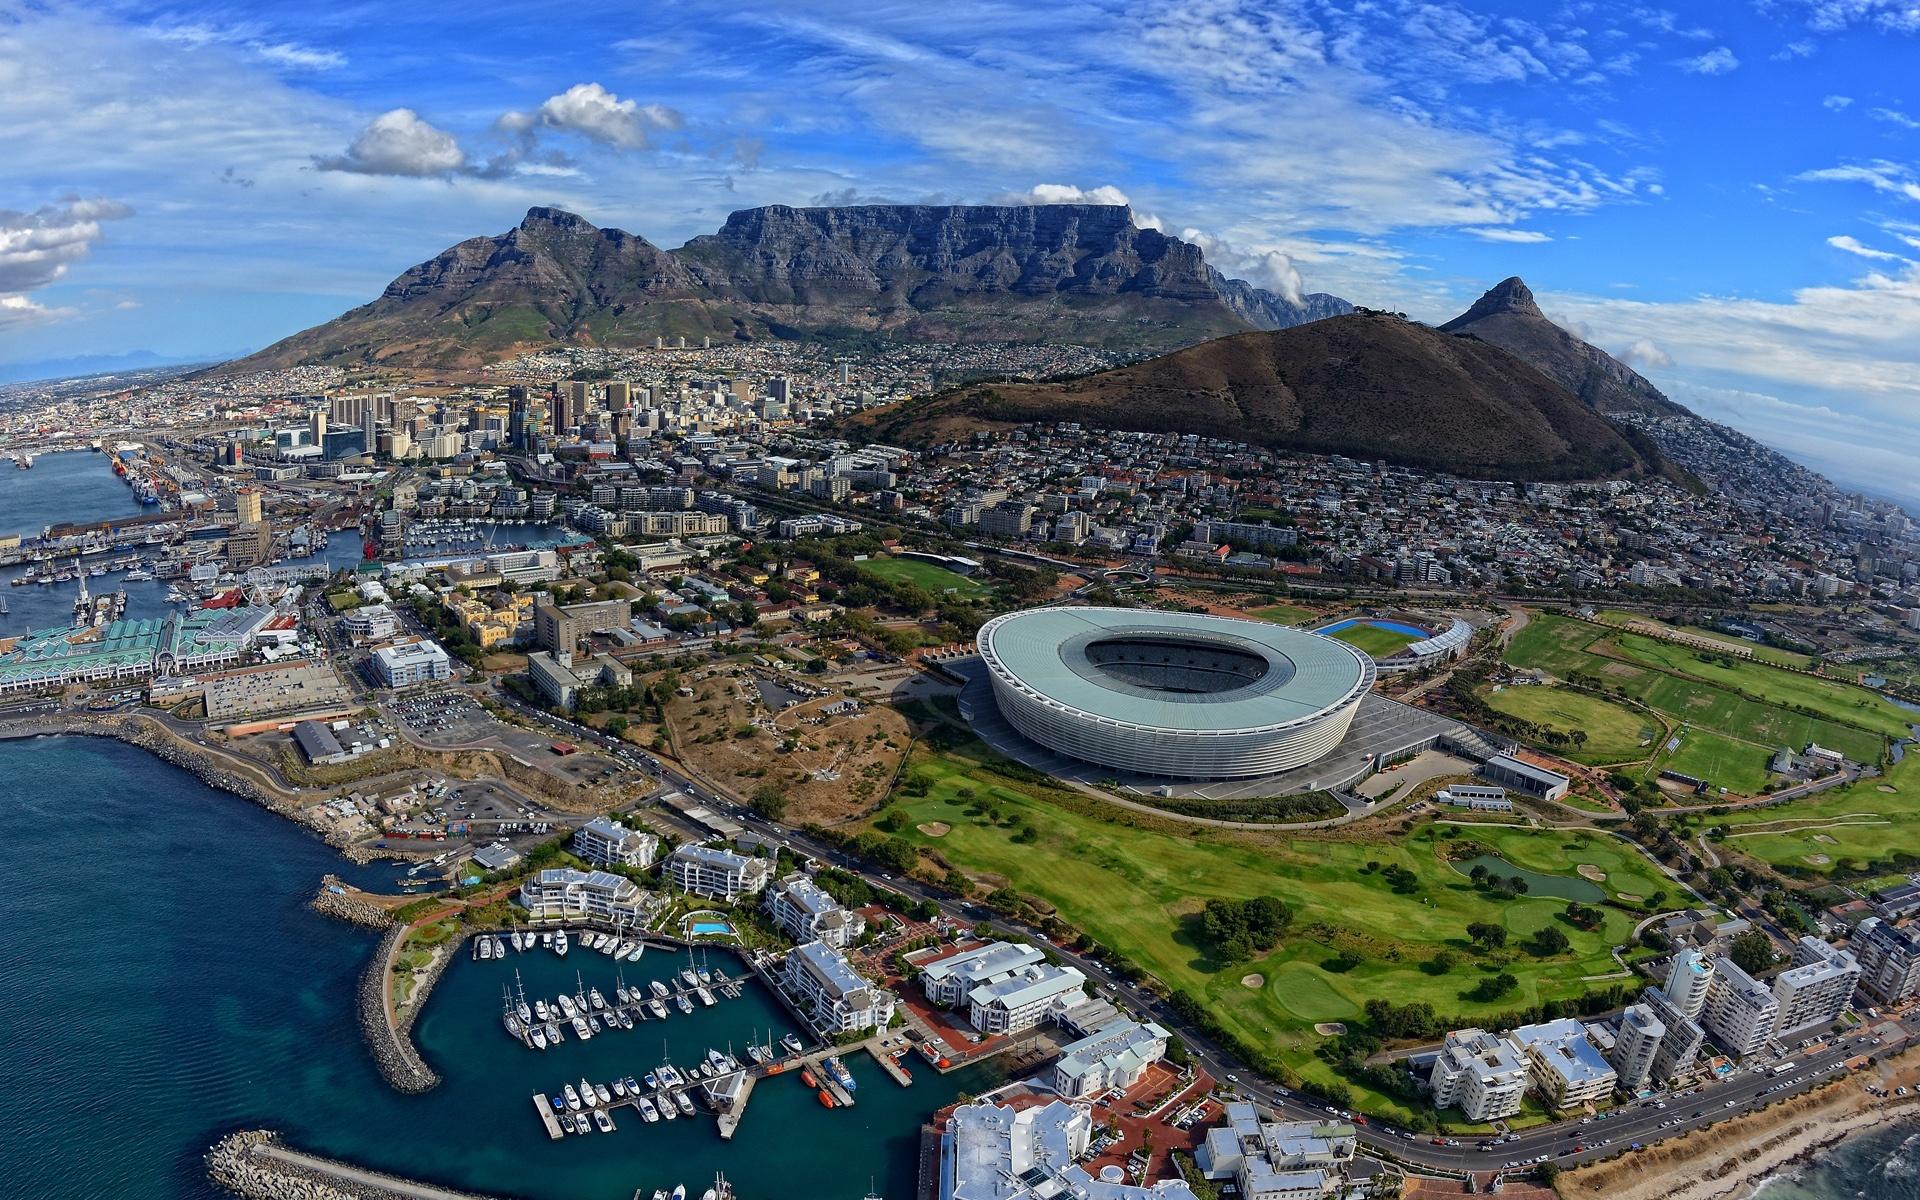 頂視圖的城市,開普敦,南非,大西洋 壁紙 - 1920x1200   頂視圖的城市,開普敦,南非